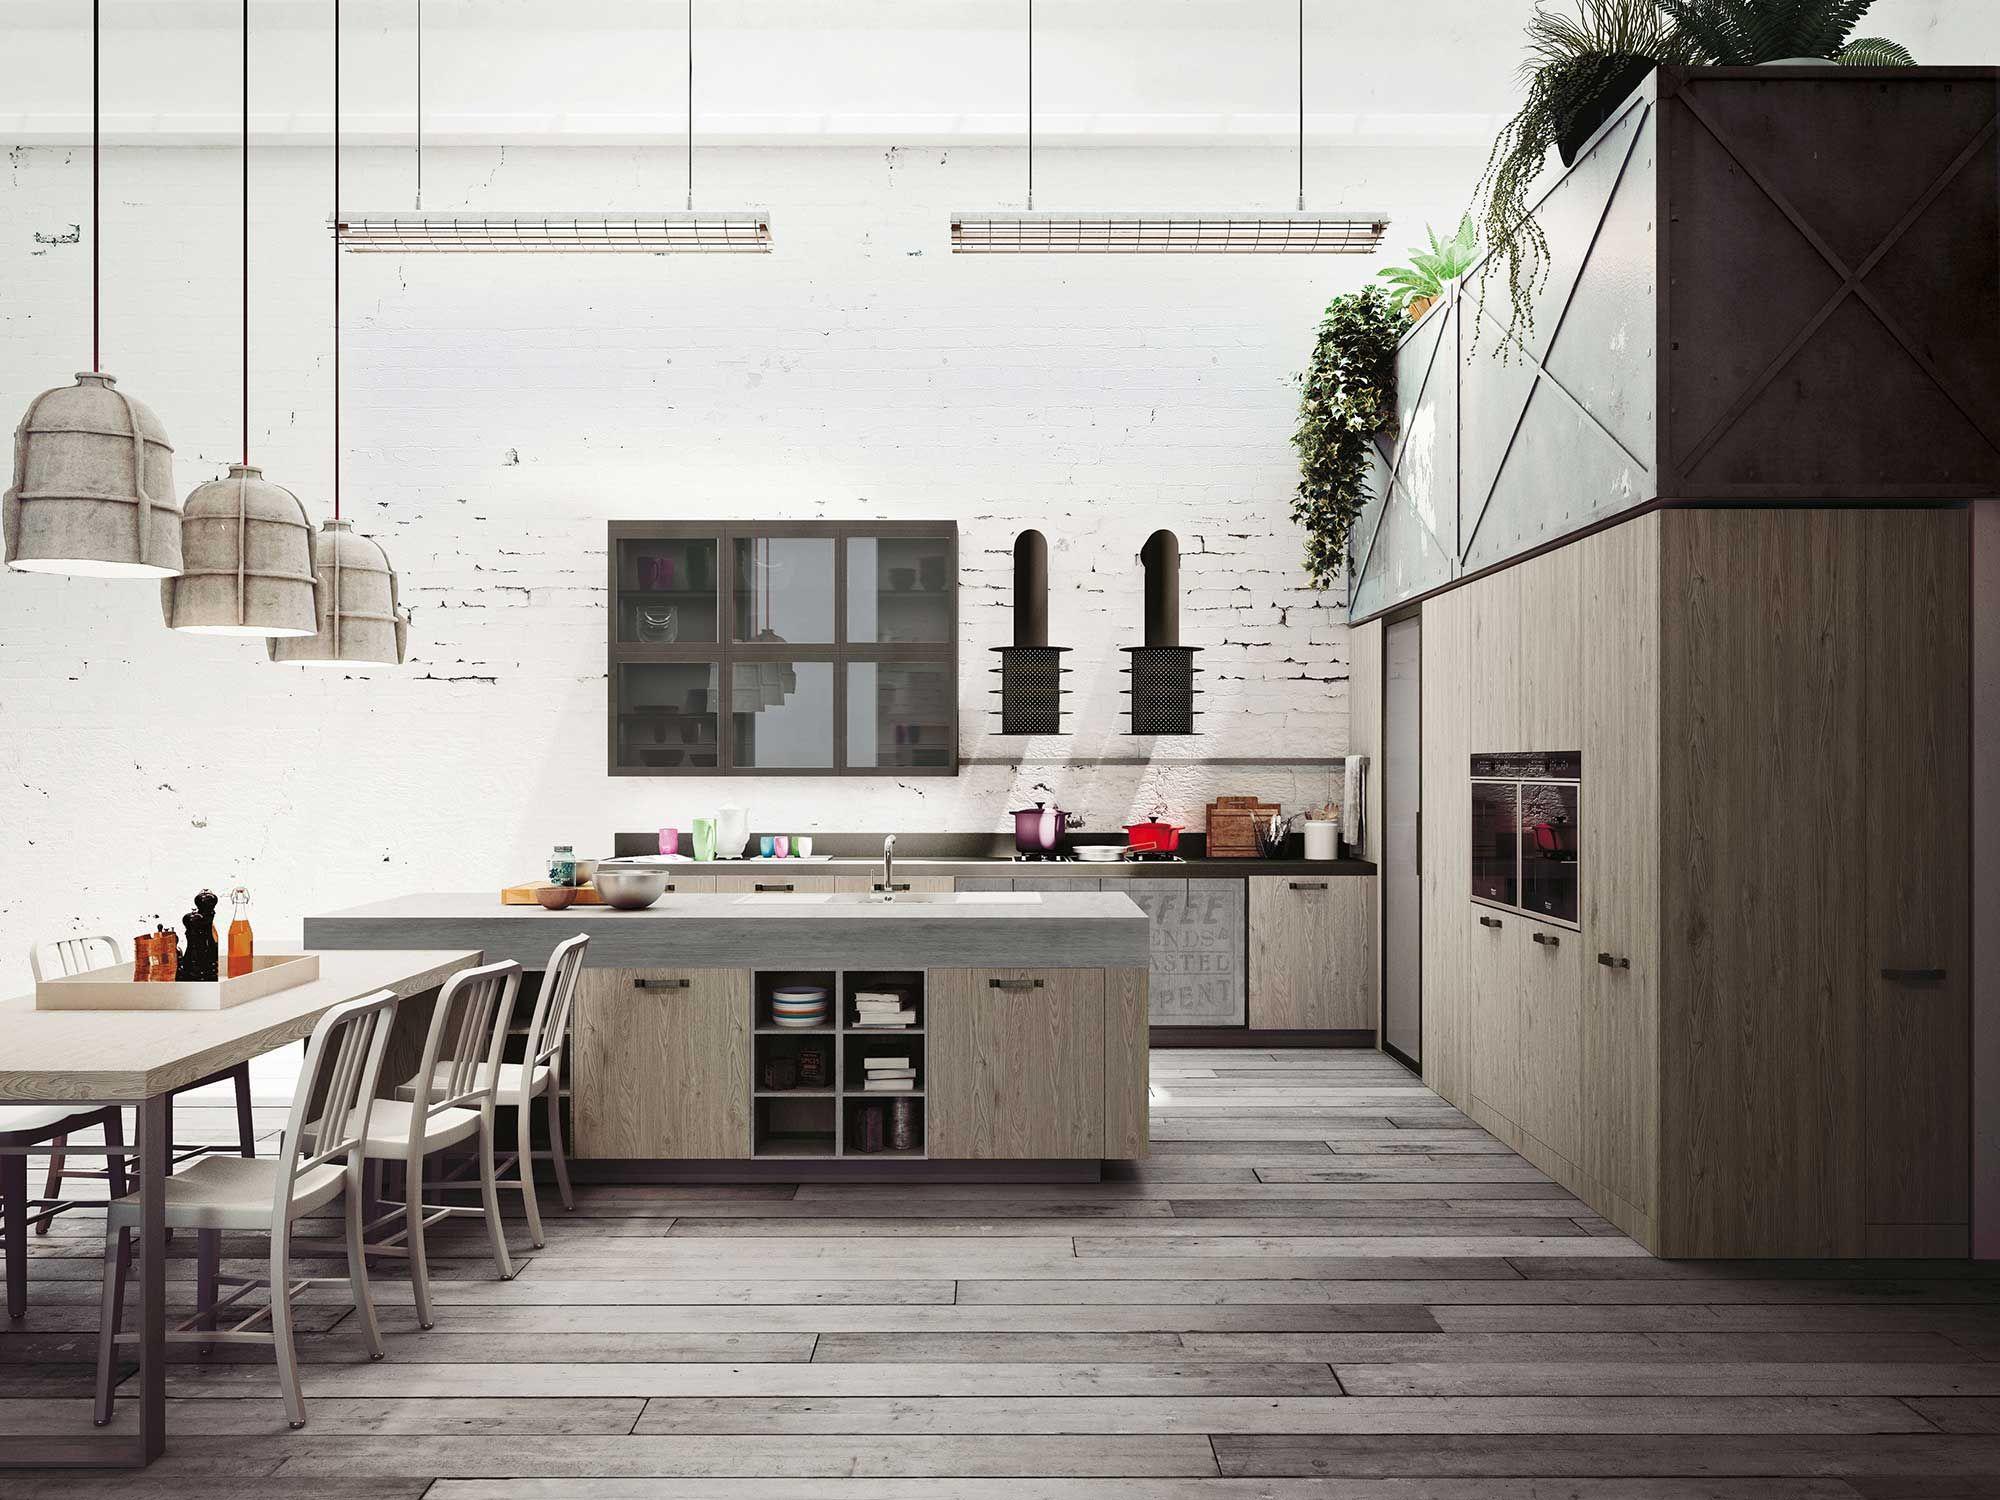 La cucina snaidero loft è espressione delle più recenti tendenze